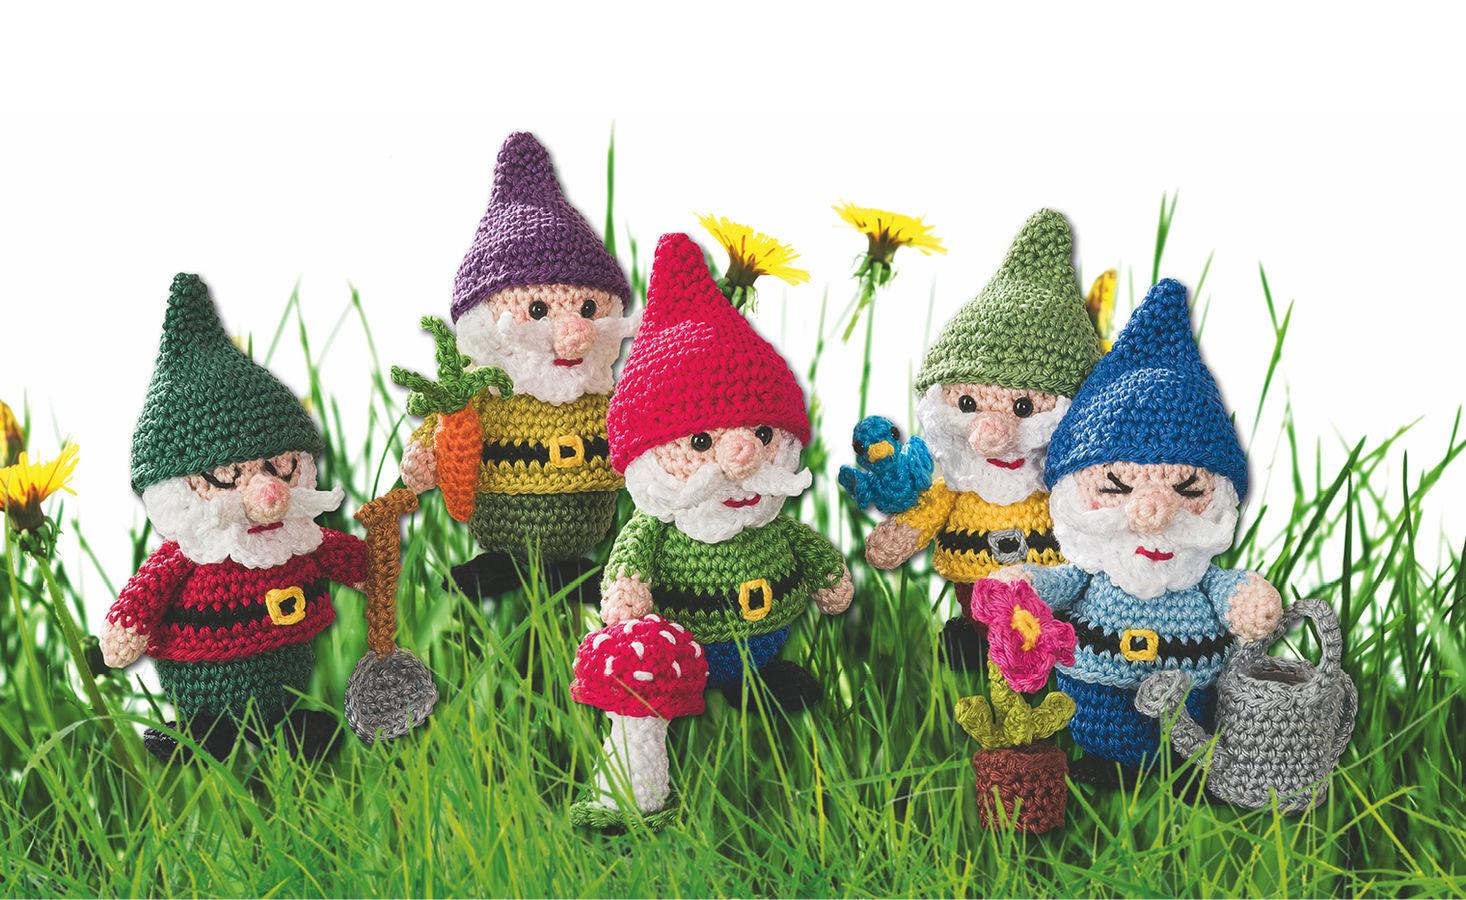 Makerist-Hase-Bär-undCo.-Unsere-17-beliebtesten-Amigurumi-Anleitungen-Gehäkelte-Gartenzwerge-1